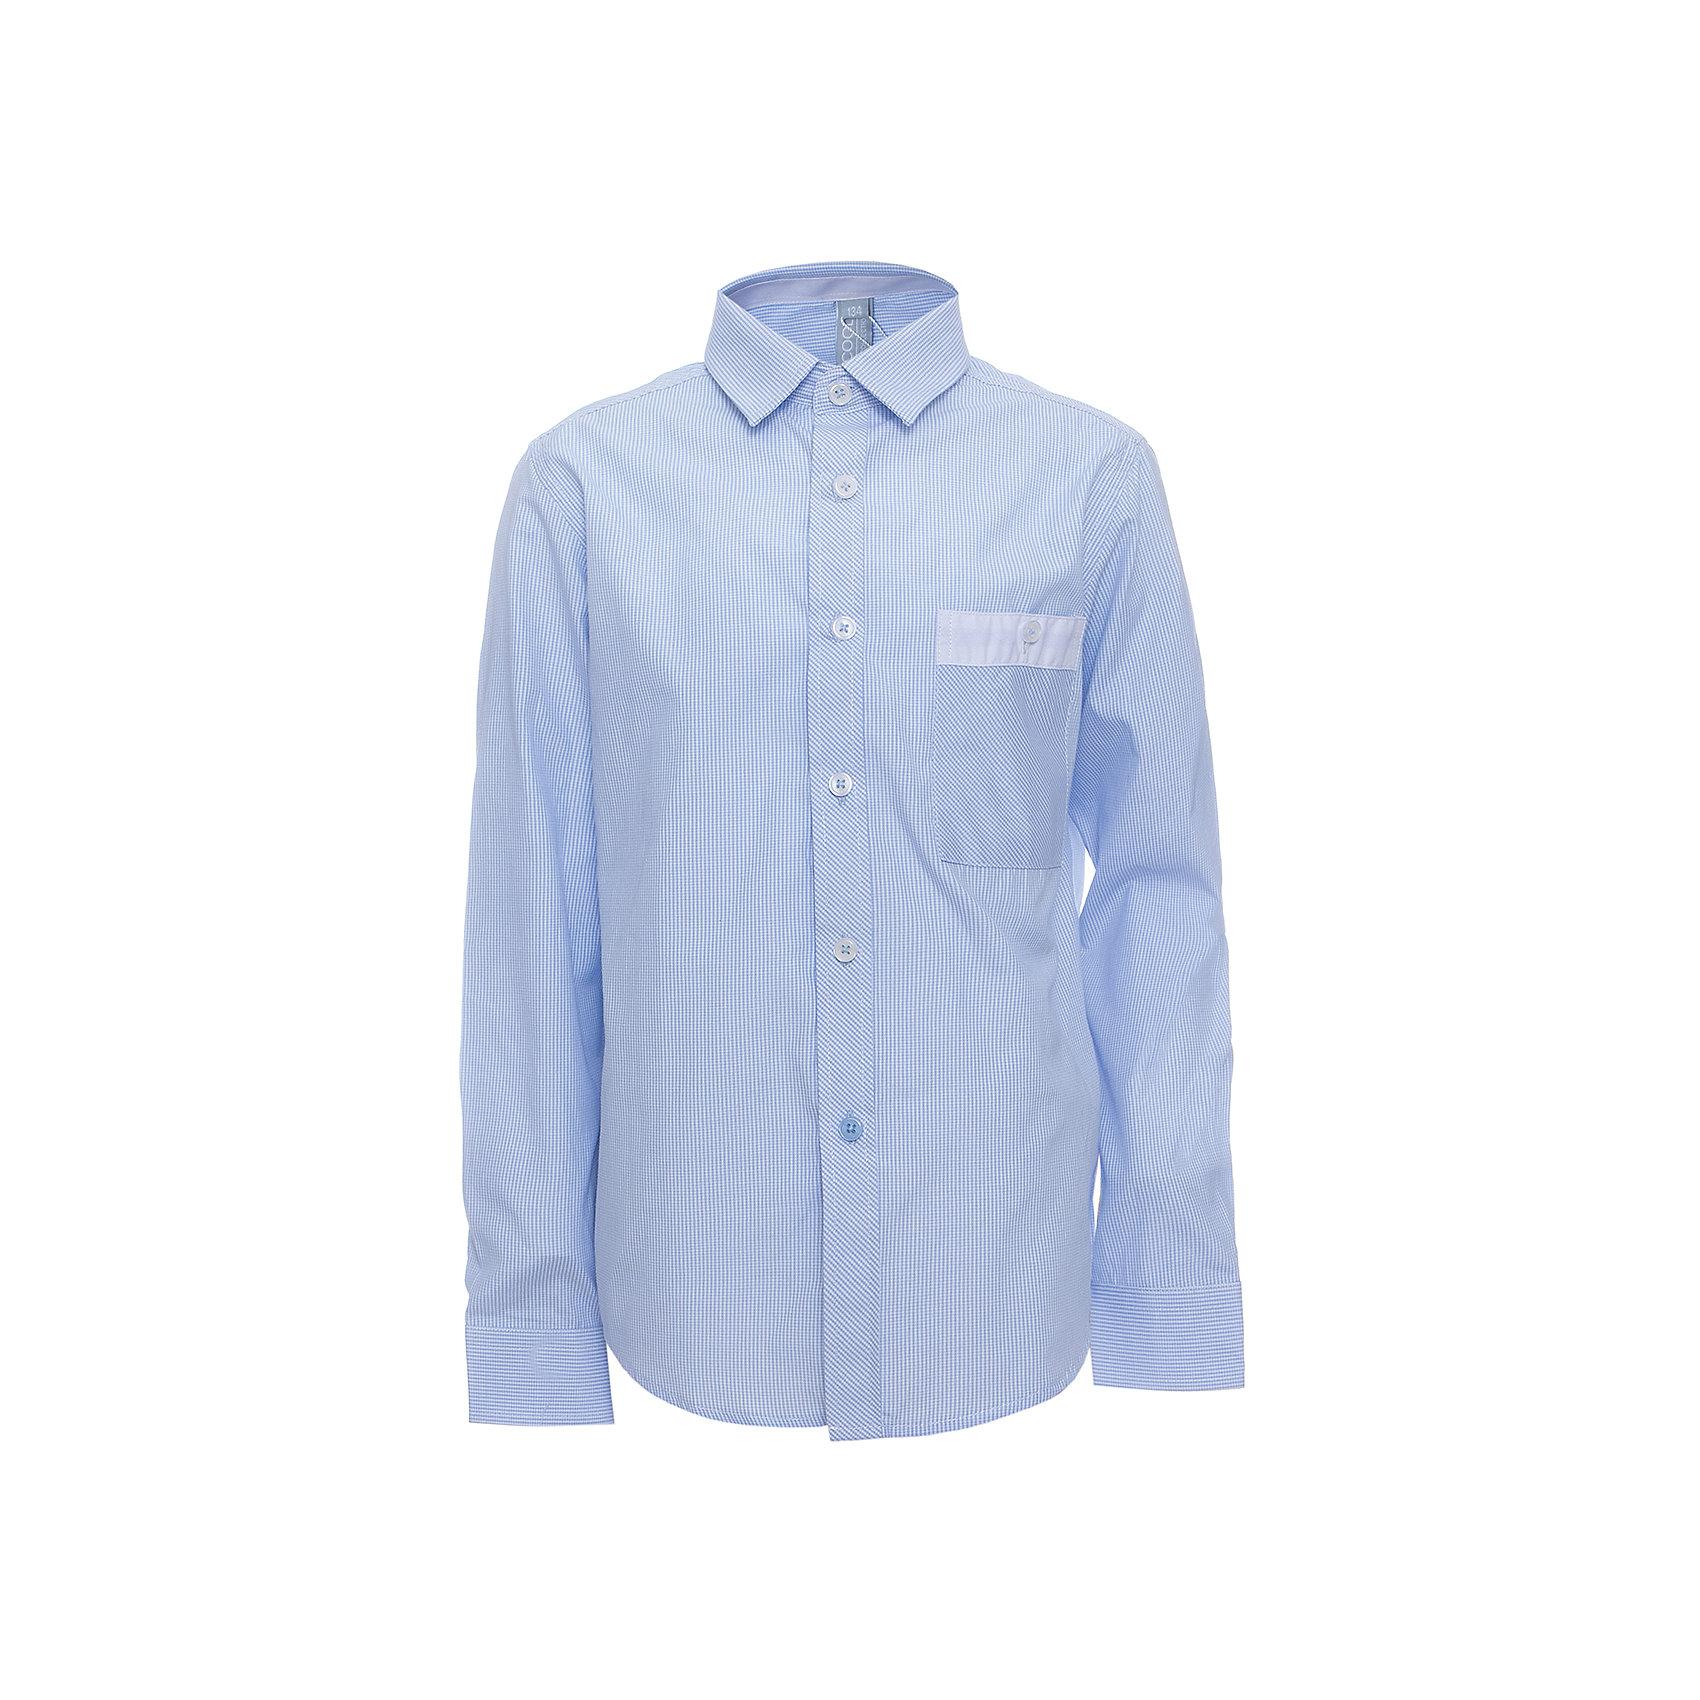 Рубашка для мальчика ScoolРубашка для мальчика от известного бренда Scool<br>Состав:<br>45% хлопок, 55% полиэстер<br>Классическая сорочка в мелкую голубую клетку. Застегивается на пуговицы. На груди кармашек. Контрастная белая отделка по планке, карману и на рукавах.<br><br>Ширина мм: 174<br>Глубина мм: 10<br>Высота мм: 169<br>Вес г: 157<br>Цвет: голубой<br>Возраст от месяцев: 72<br>Возраст до месяцев: 84<br>Пол: Мужской<br>Возраст: Детский<br>Размер: 122,140,158,152,146,134,128,164<br>SKU: 4686733